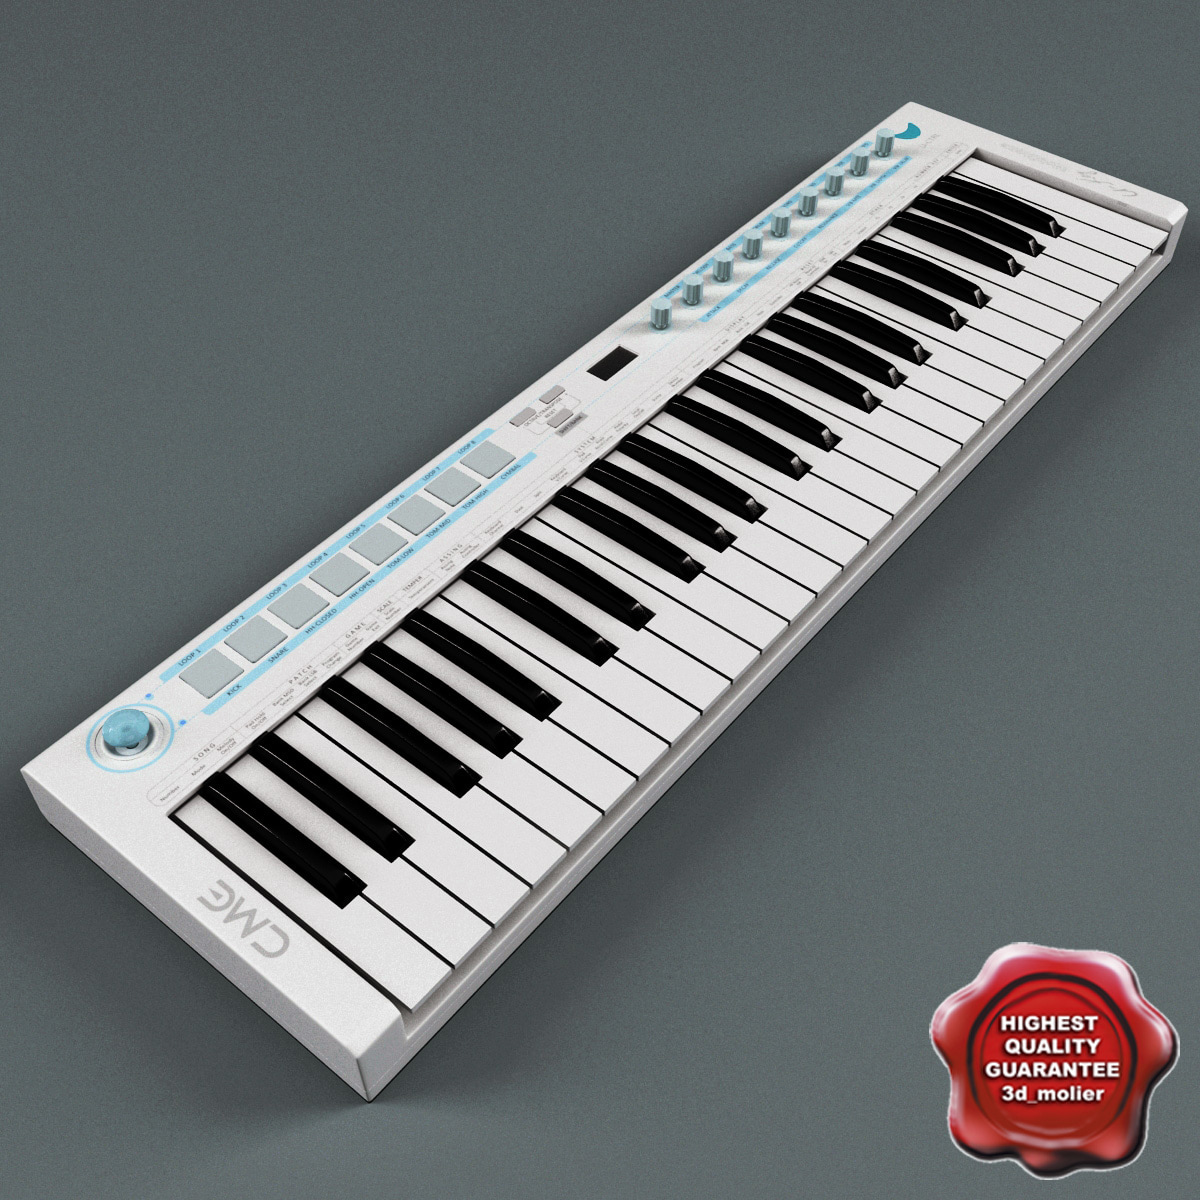 usb midi keyboard u-key 3d model